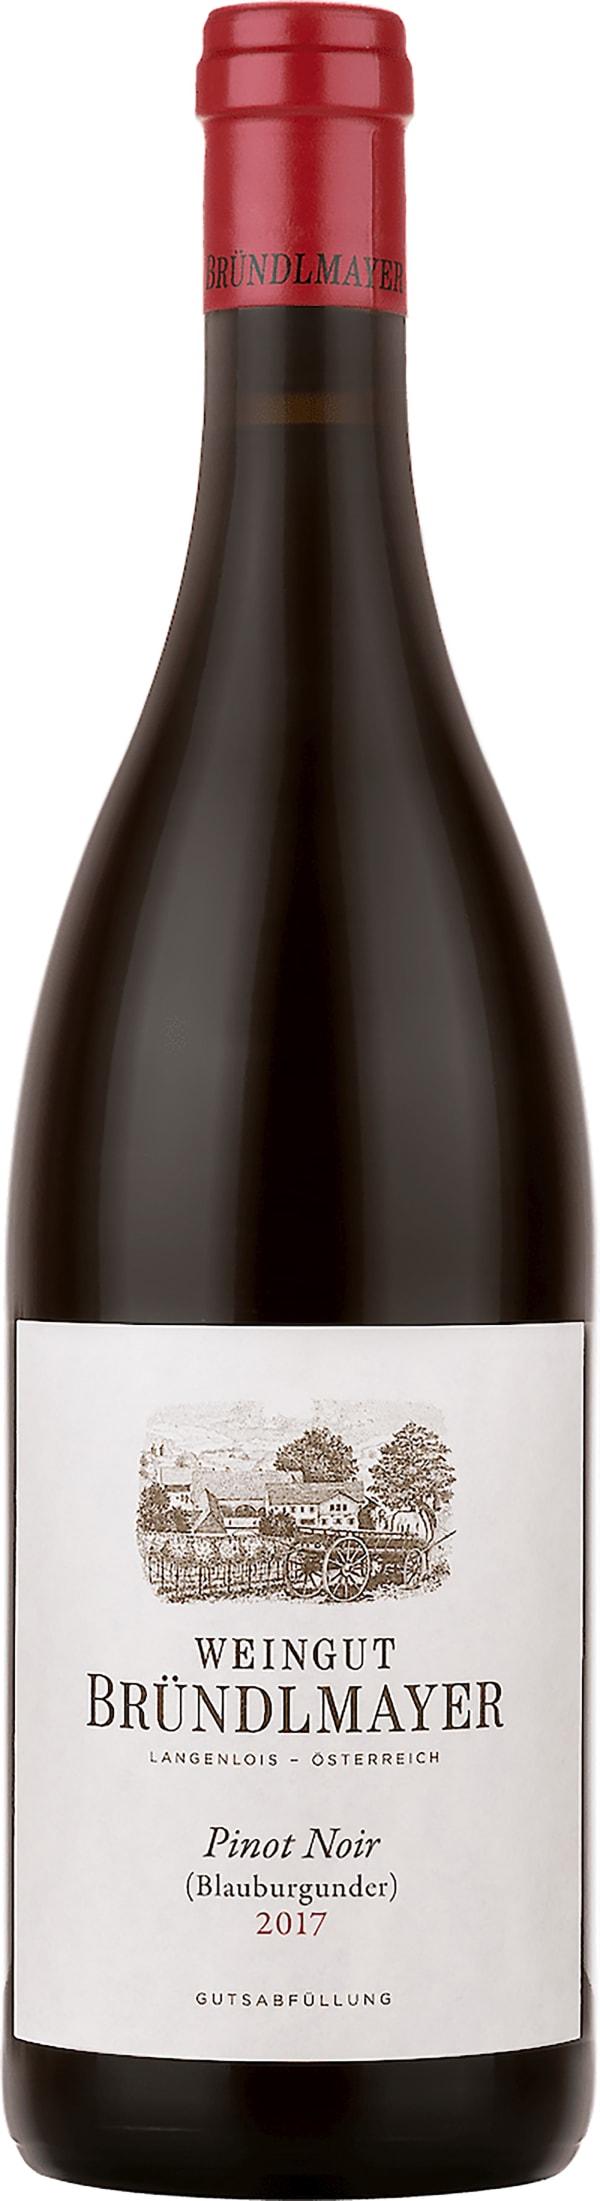 Bründlmayer Pinot Noir 2017